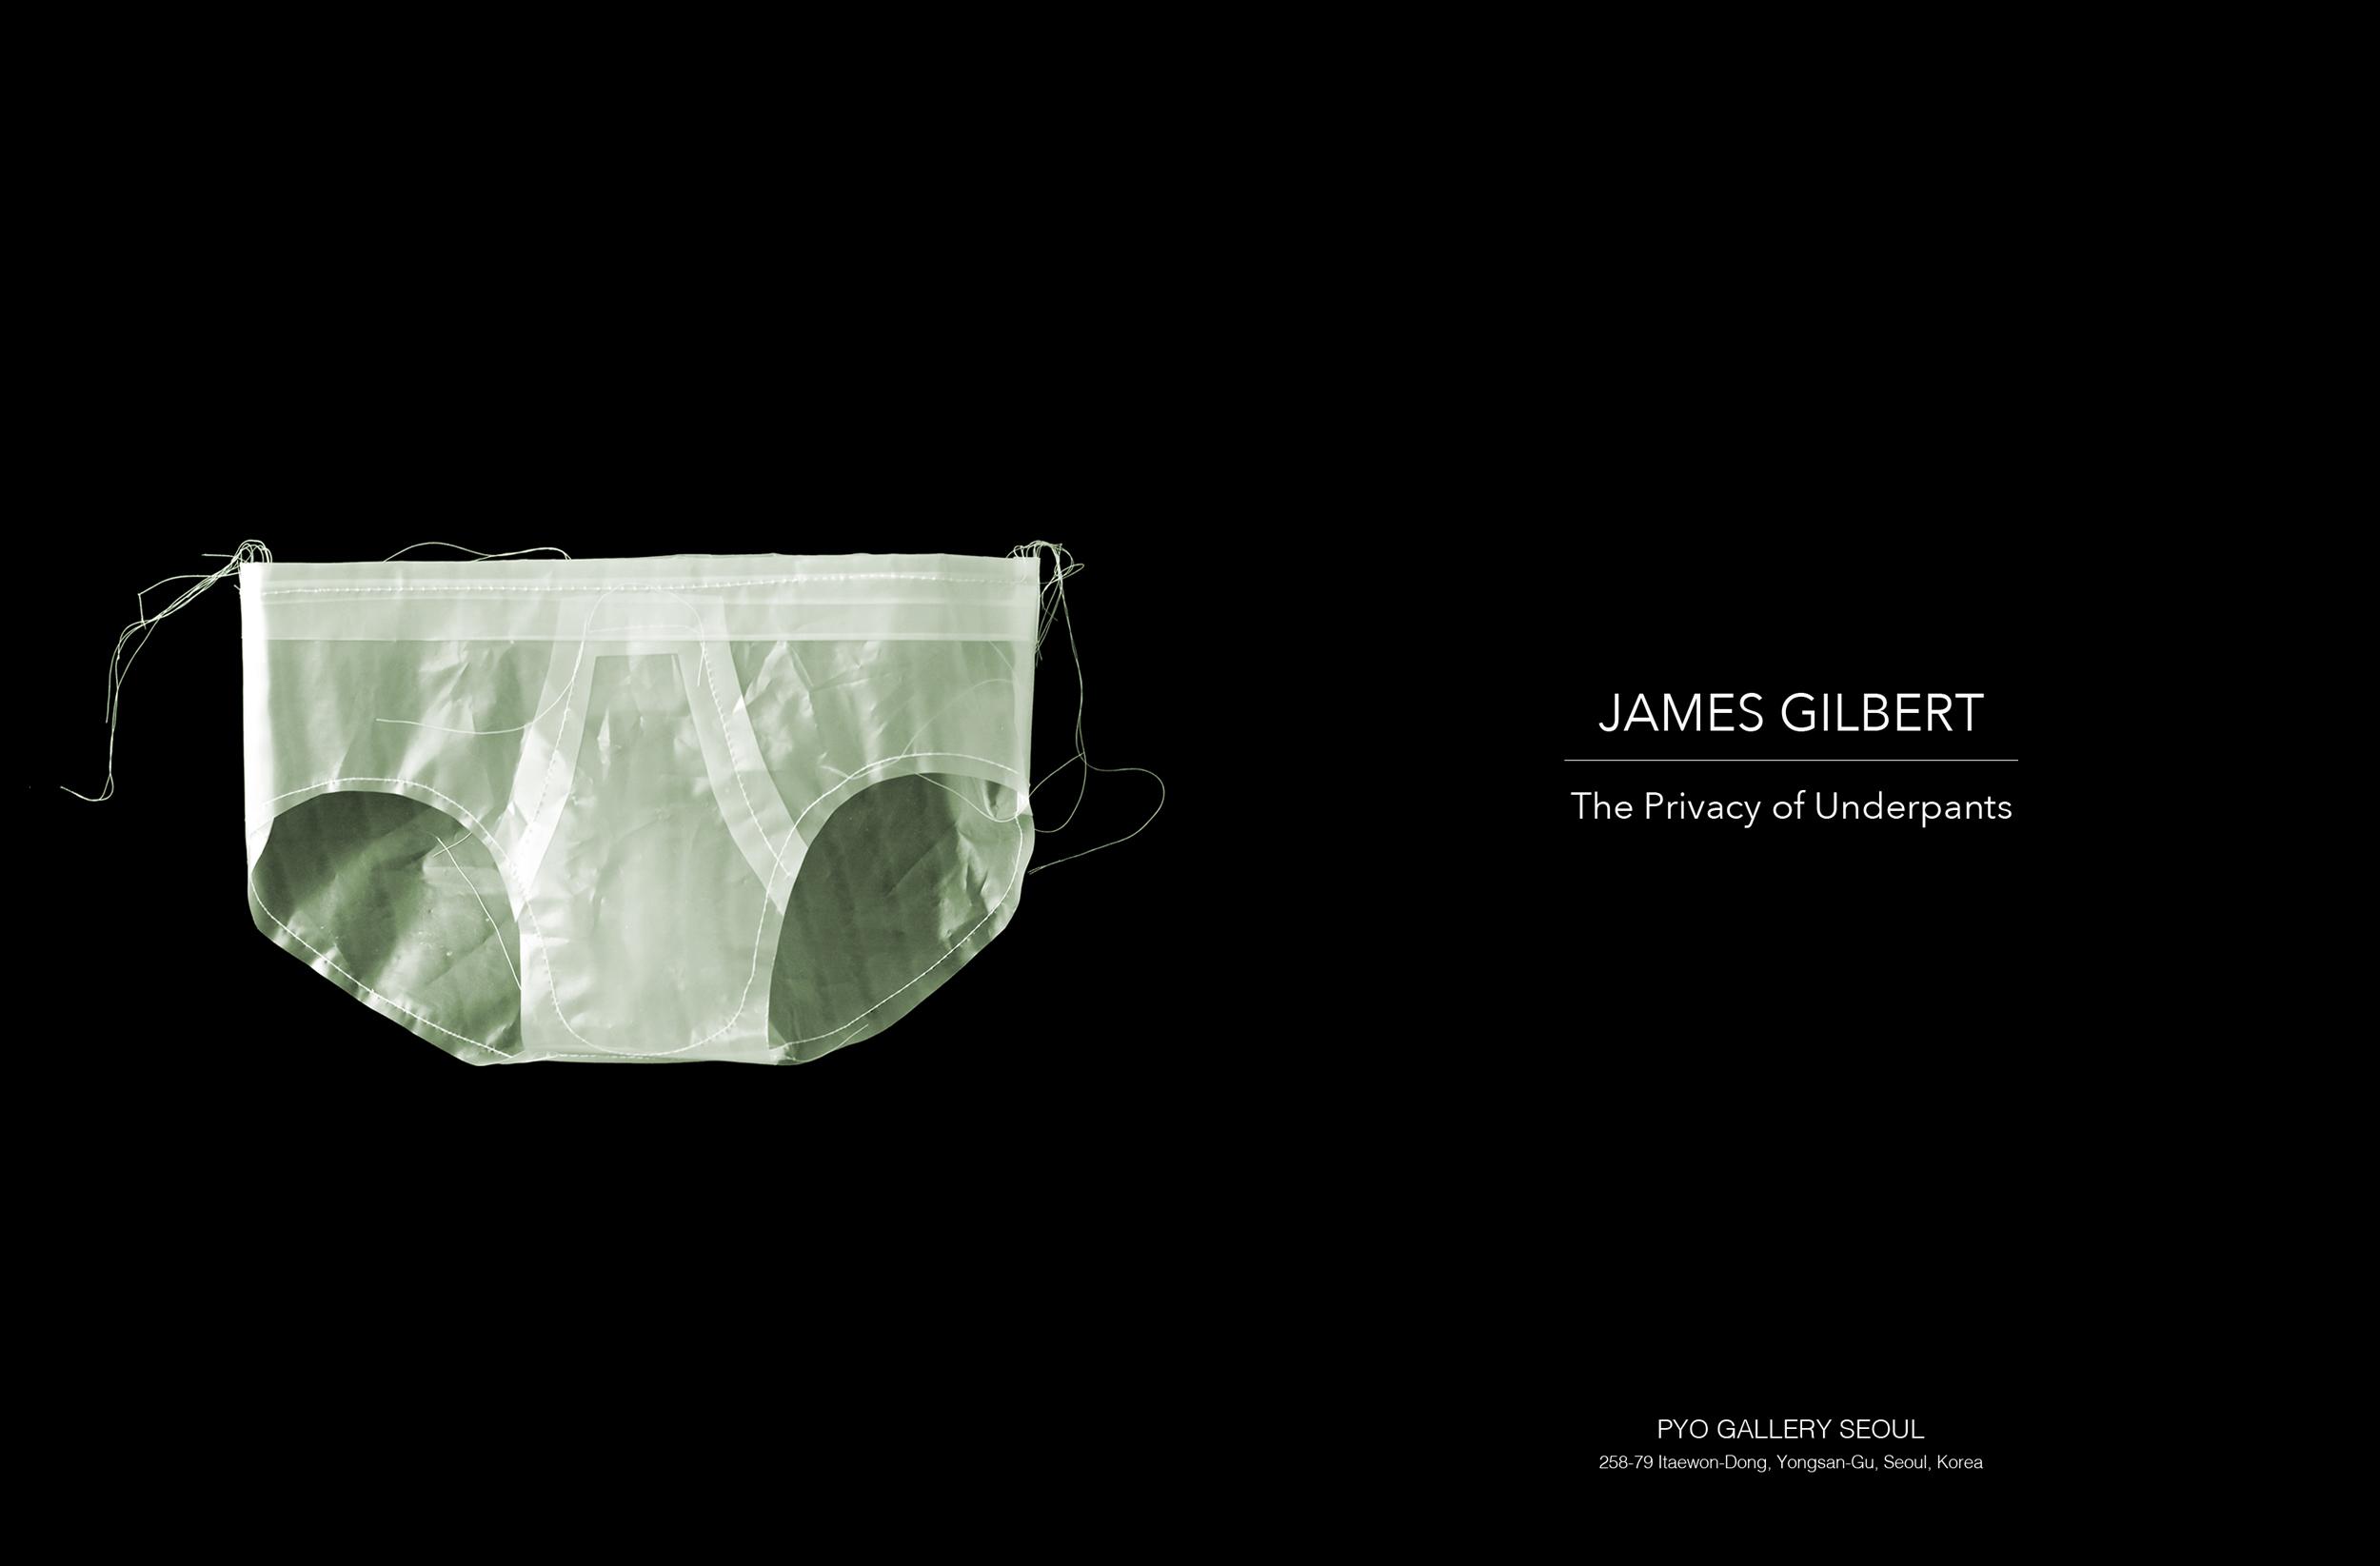 Plastic_Underwear9546_poster.jpg